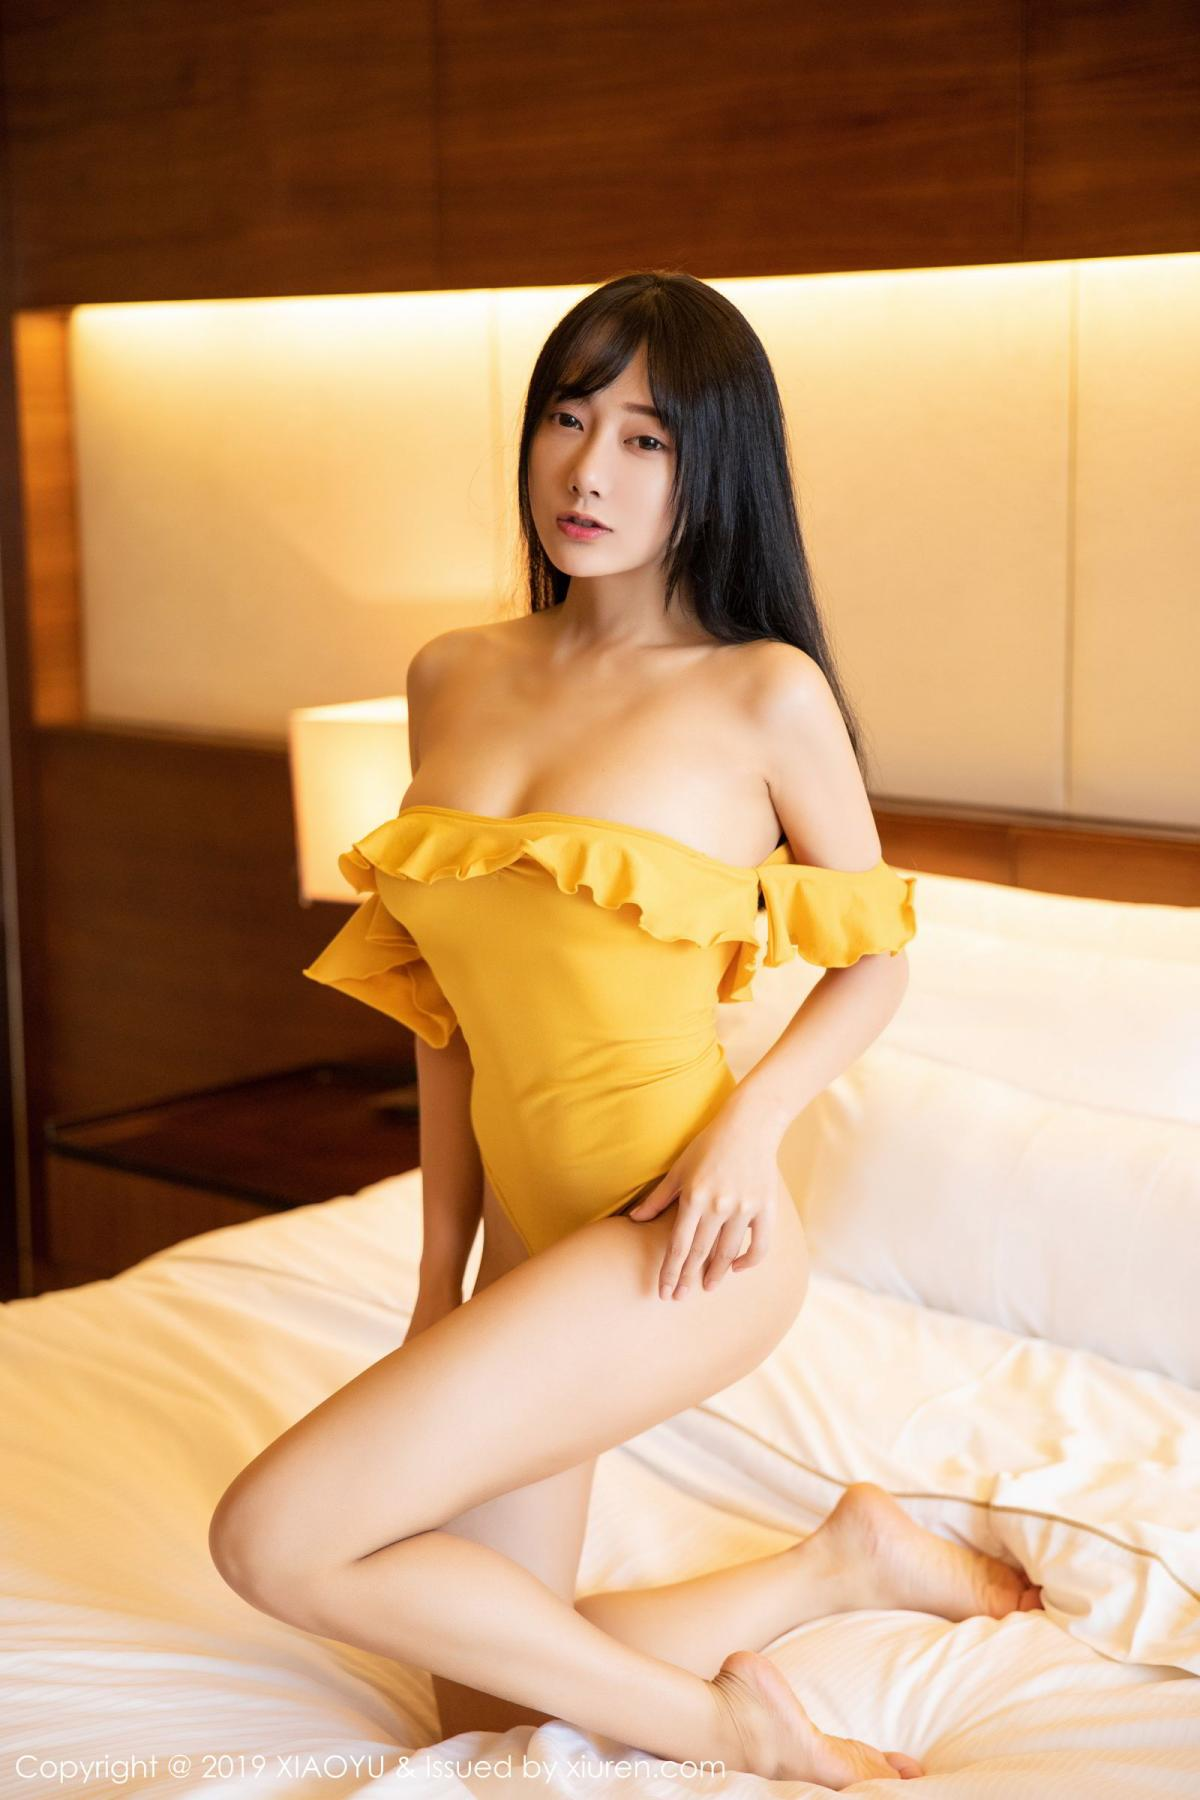 [XiaoYu] Vol.140 He Jia Ying 47P, He Jia Ying, Tall, XiaoYu